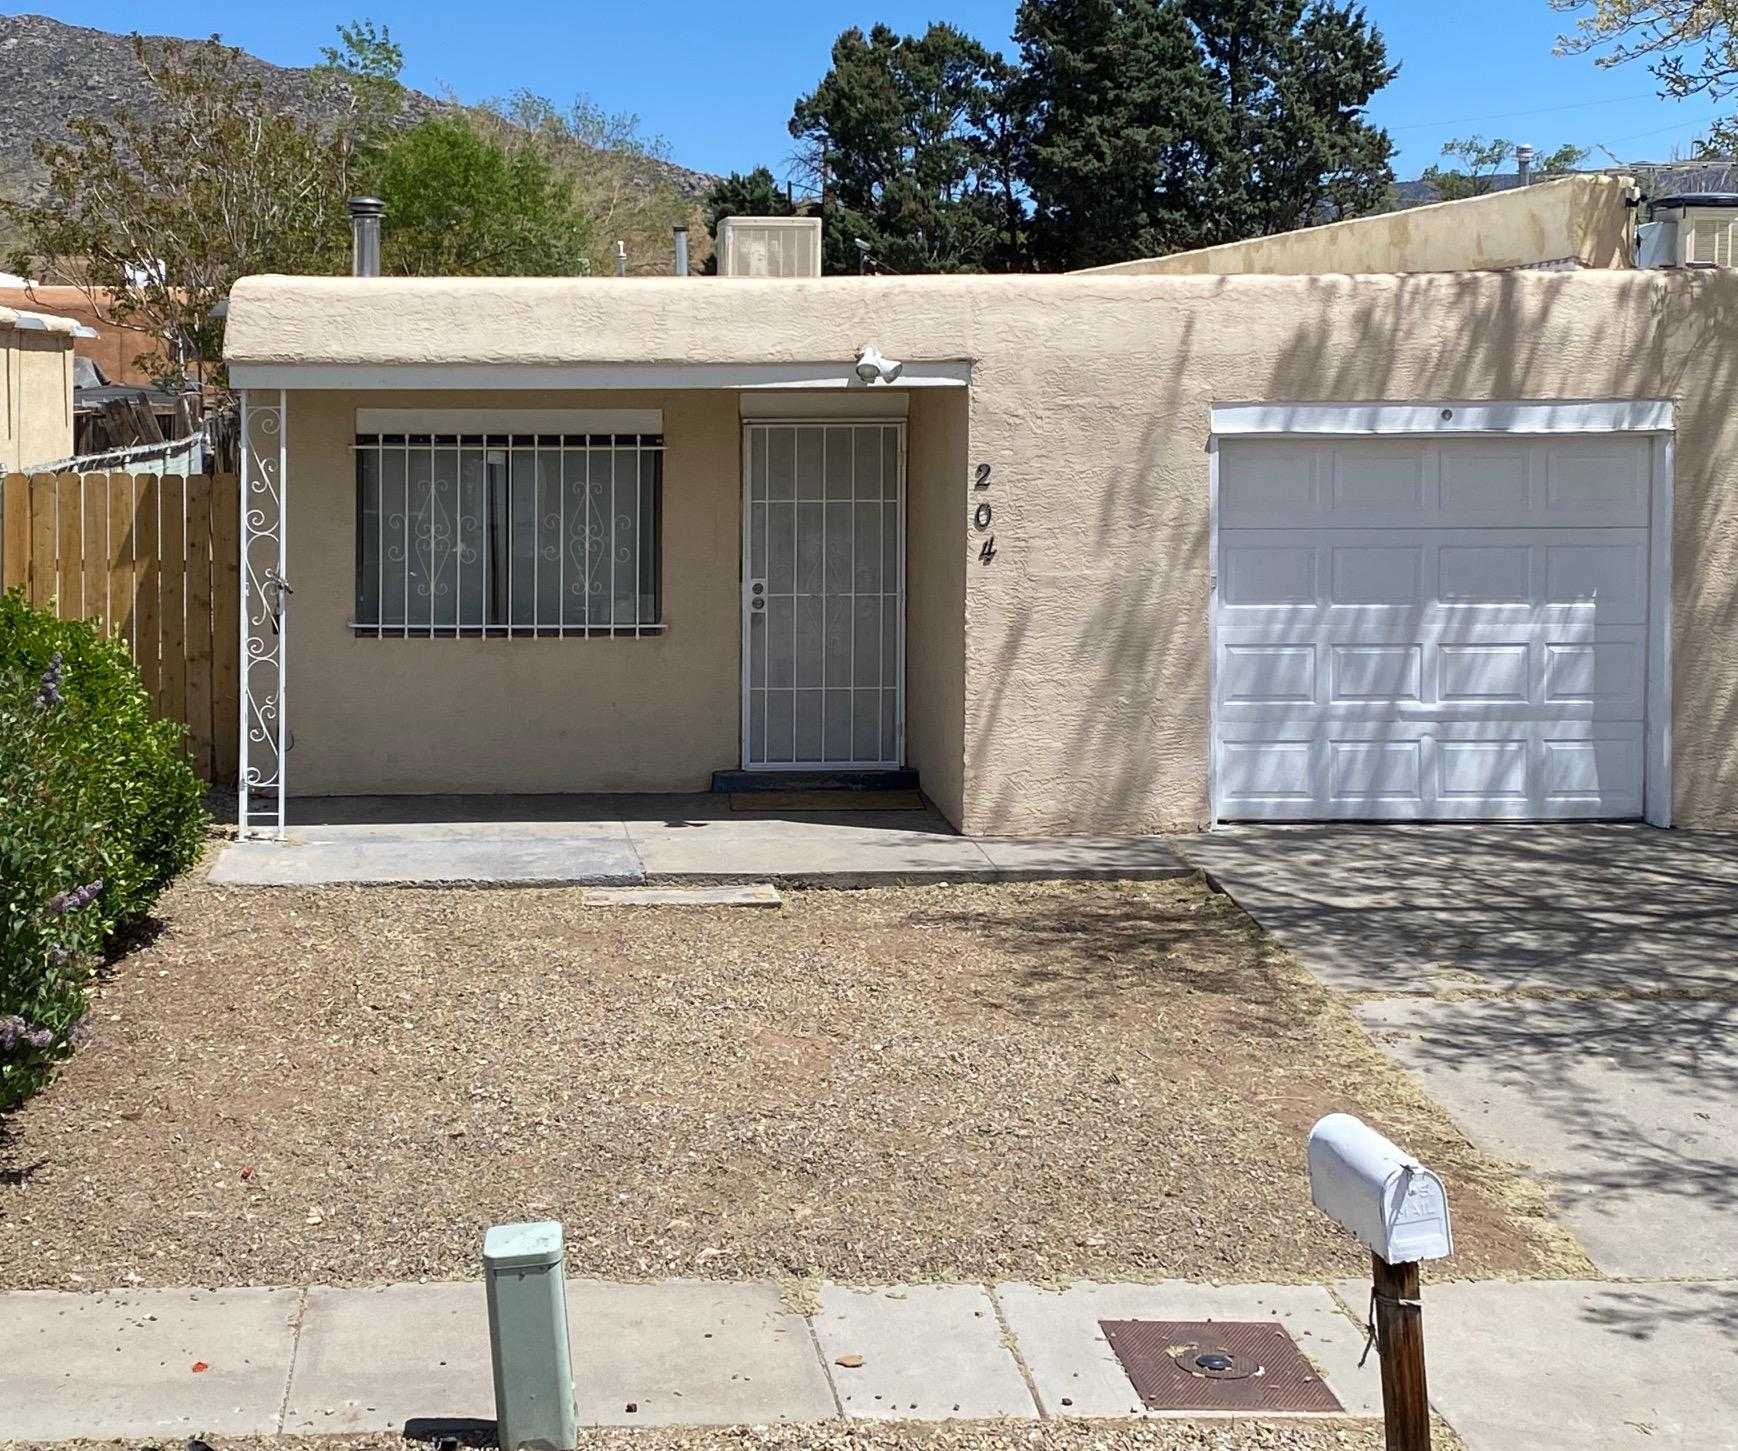 204 ZENA LONA Street, Albuquerque NM 87123